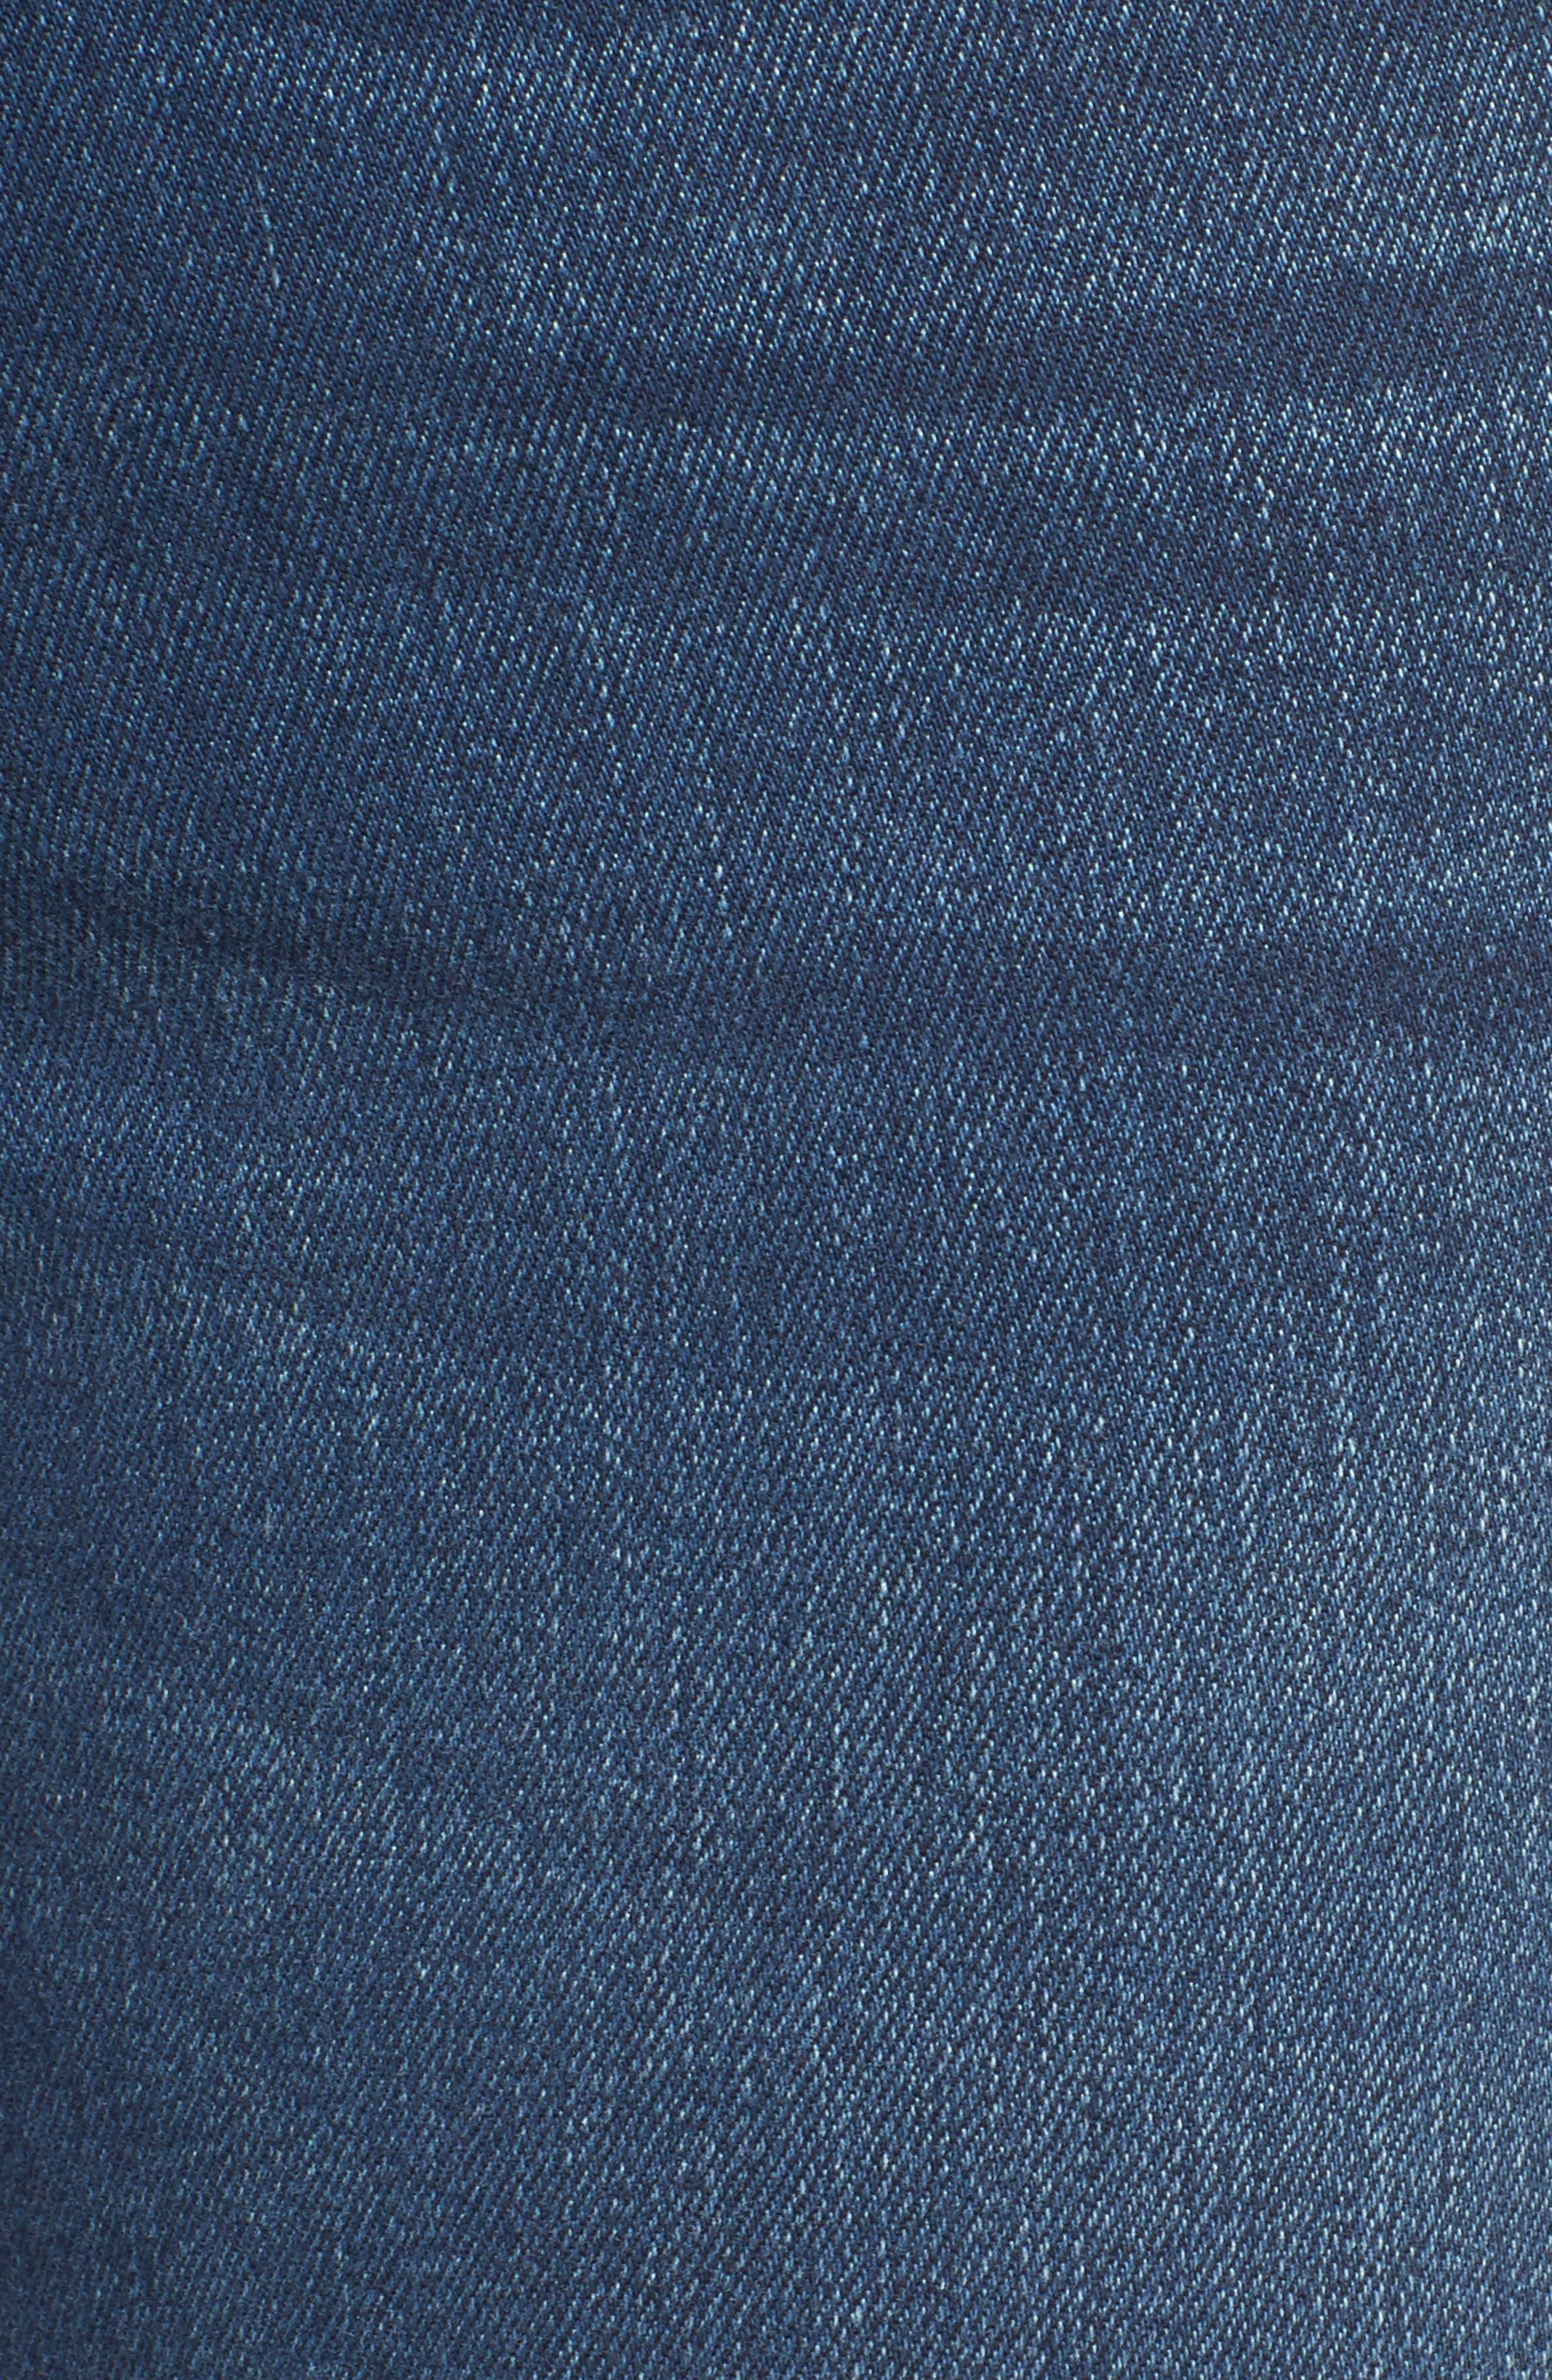 Billie Straight Leg Jeans,                             Alternate thumbnail 5, color,                             400